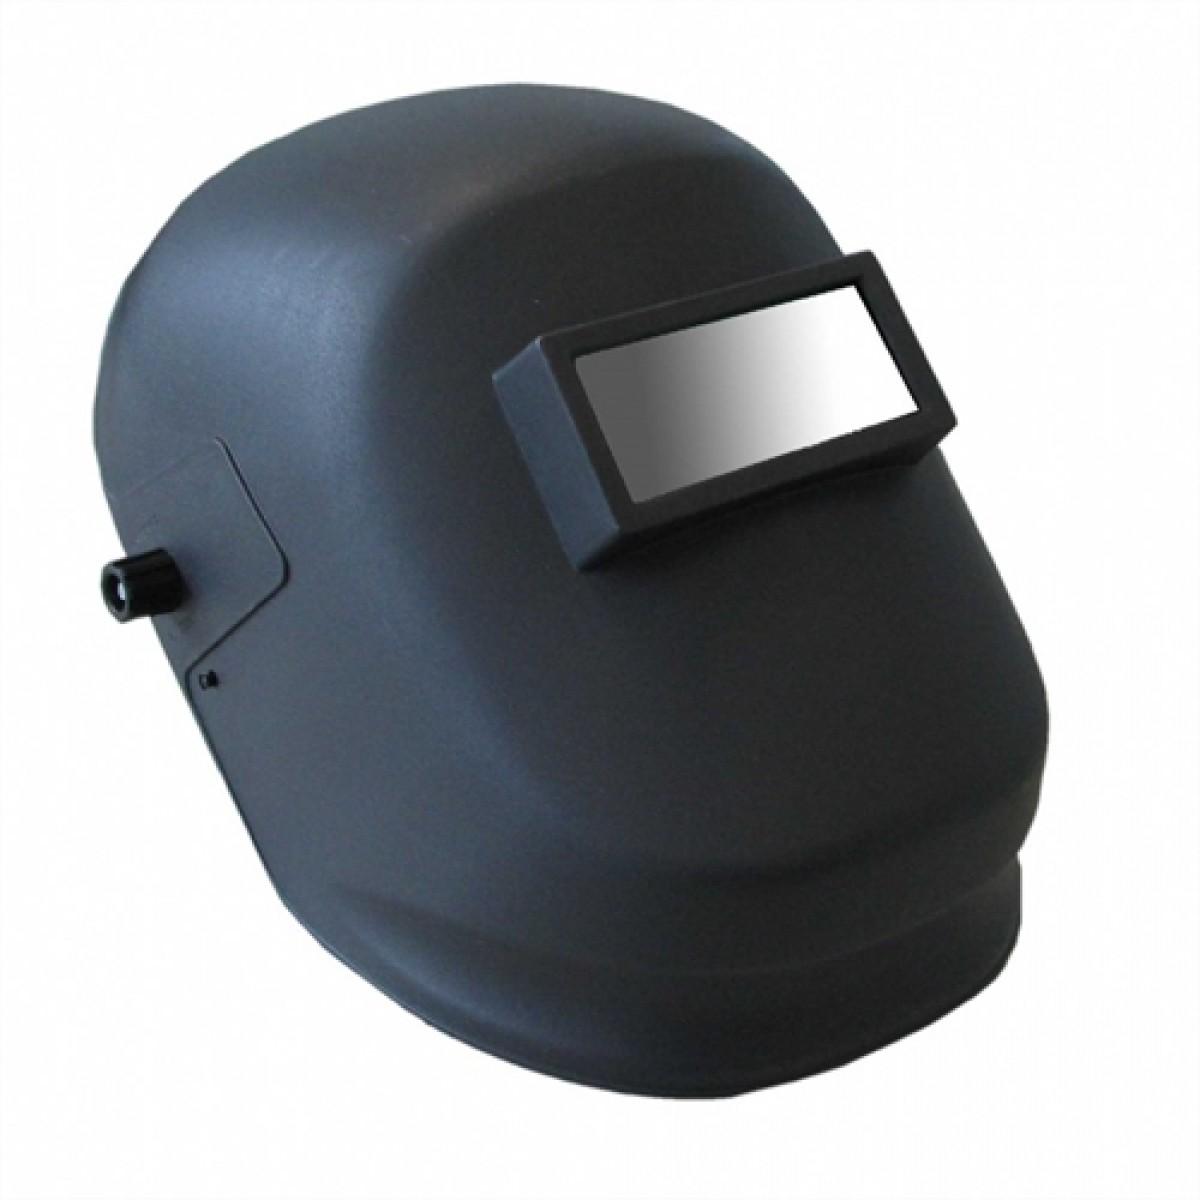 Mascara de solda - Mascara de soldar ...